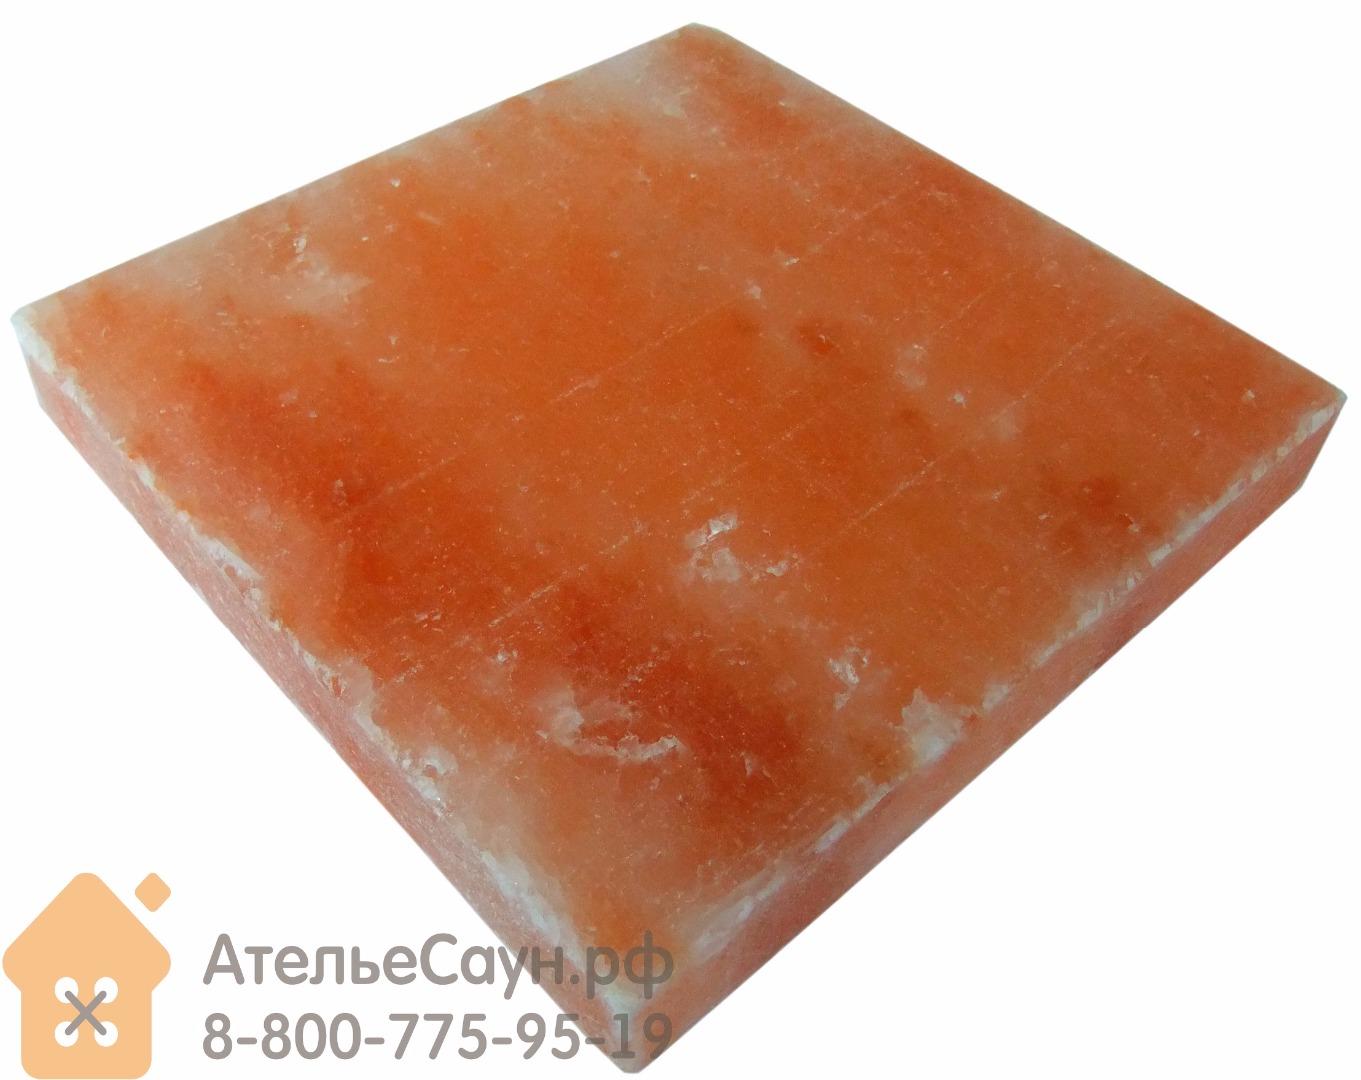 Плитка за гималайской соли 200х200х25 мм для бани и сауны (все стороны гладкие, арт. SF3)